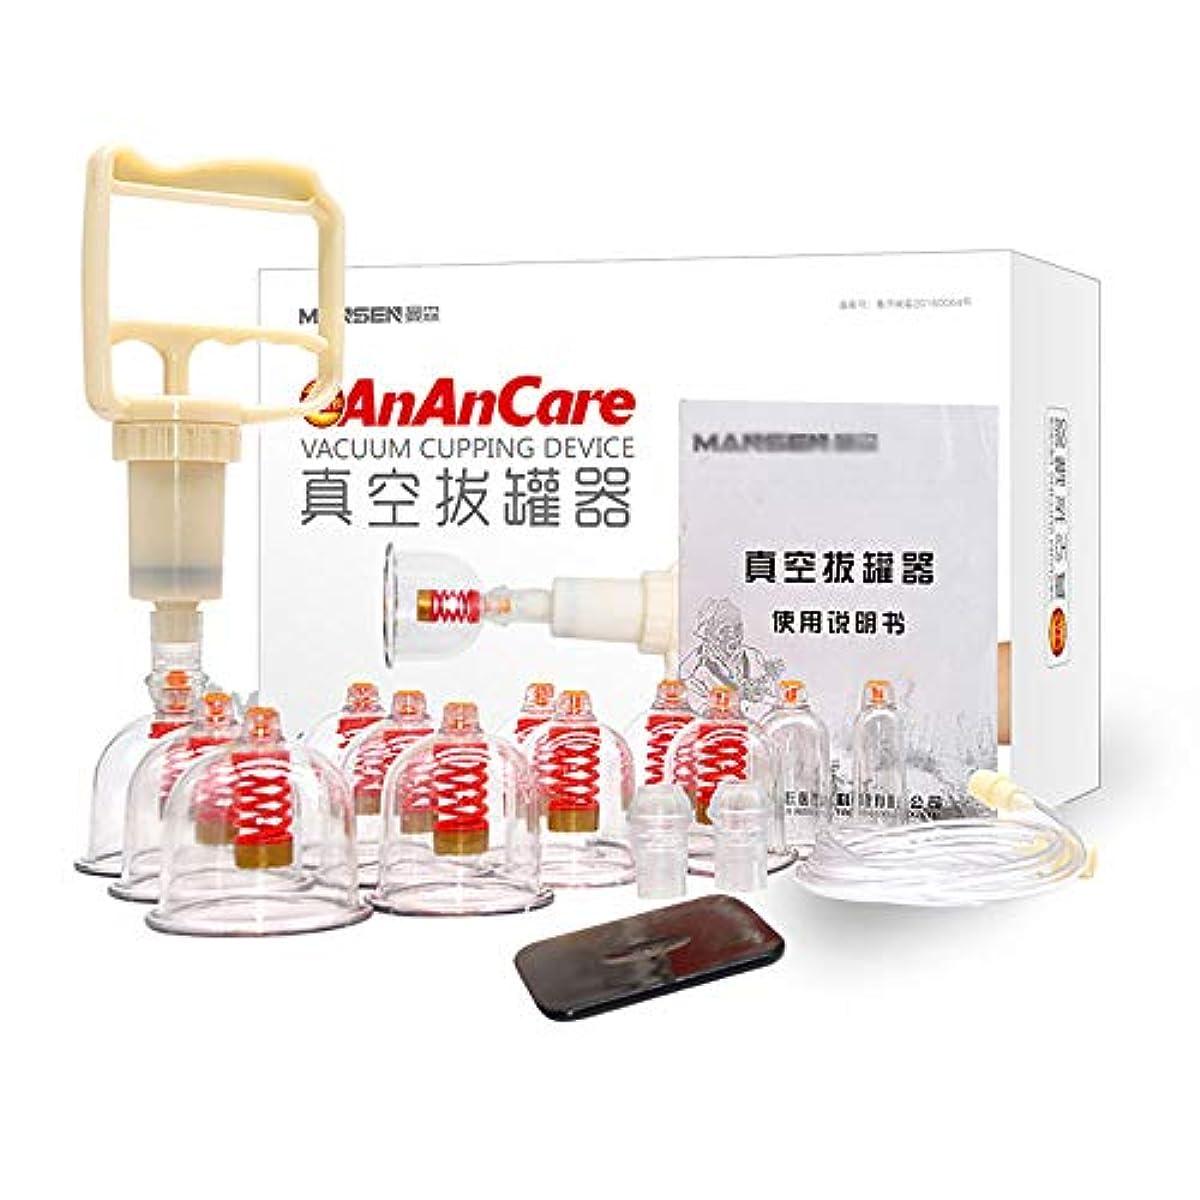 ホット慢プラットフォームカッピング装置 - 専門のカッピング治療装置12個のカップは、大人と高齢者に適したポンプとエクステンションチューブでセット 美しさ